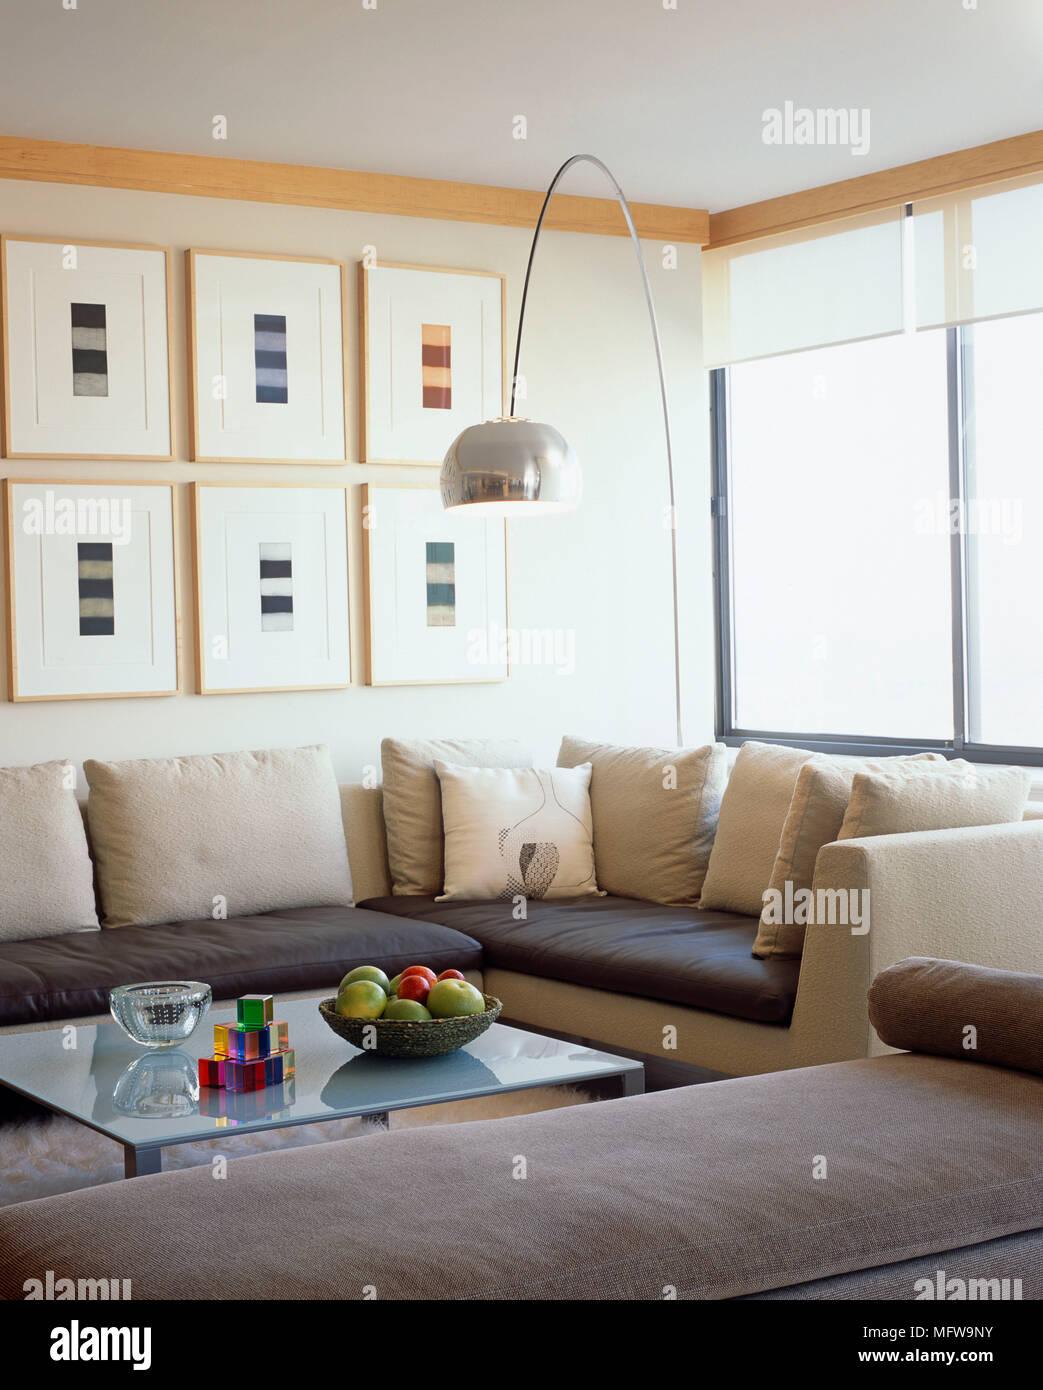 Arco Lampe Uber Ein Gepolstertes Sofa Und Couchtisch Aus Glas Stockfotografie Alamy